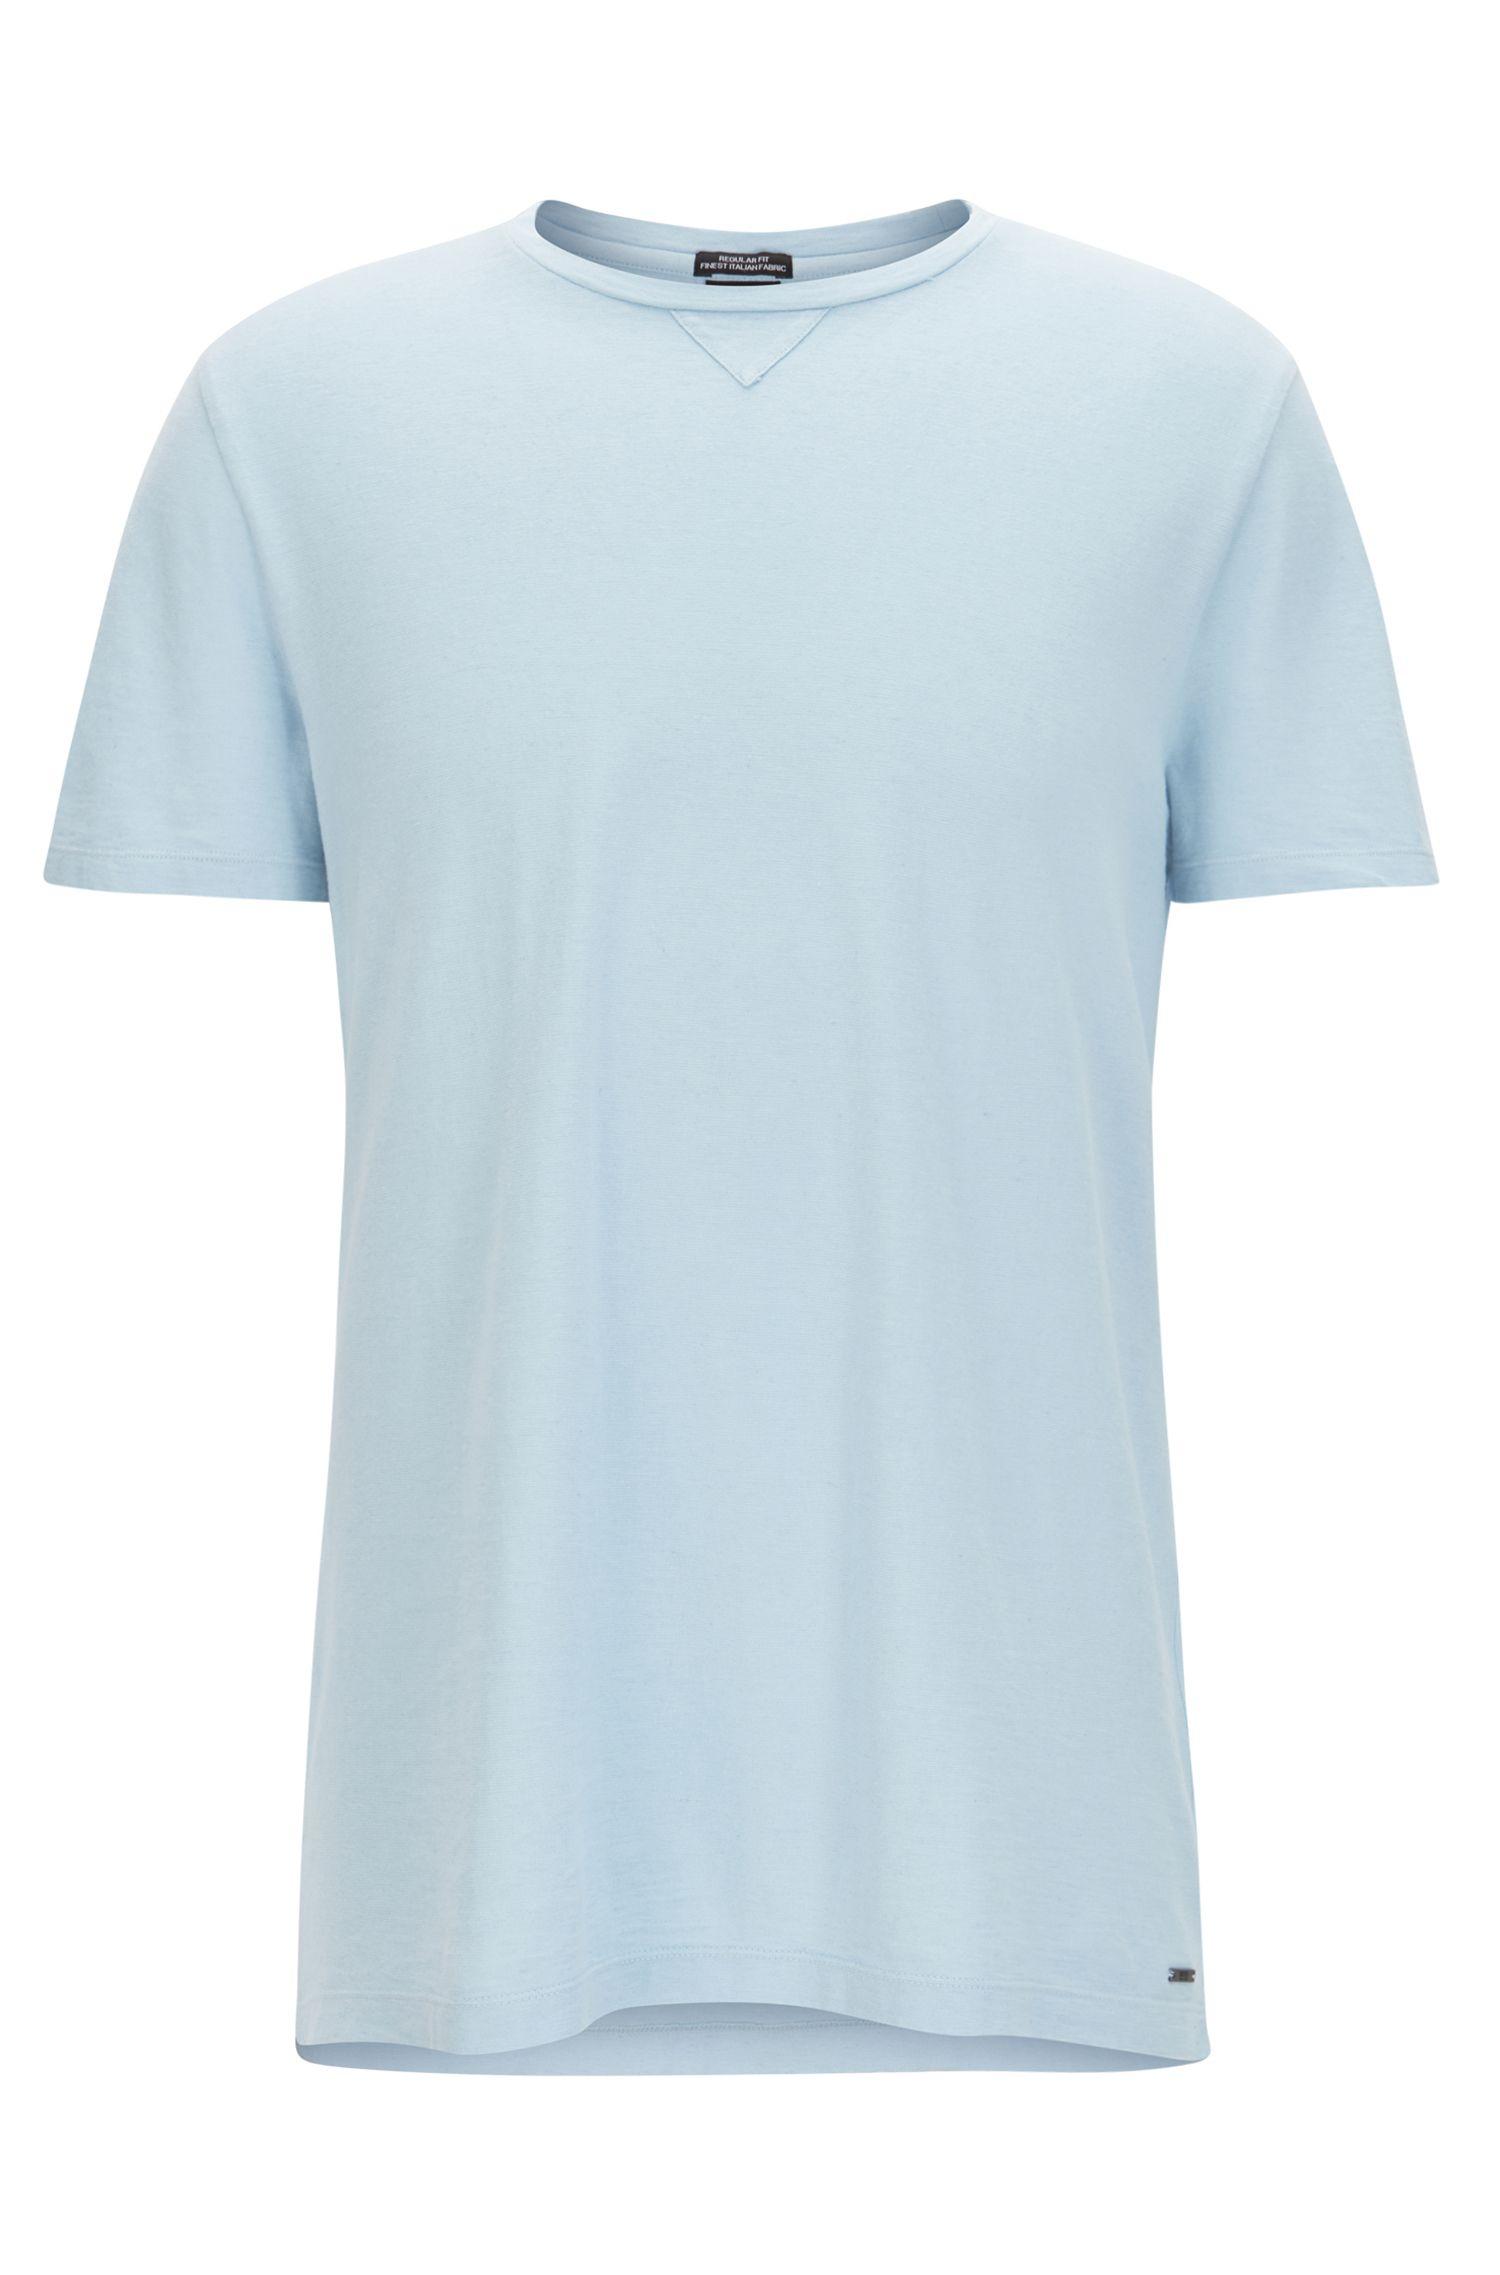 Camiseta de cuello redondo en mezcla de algodón italiano